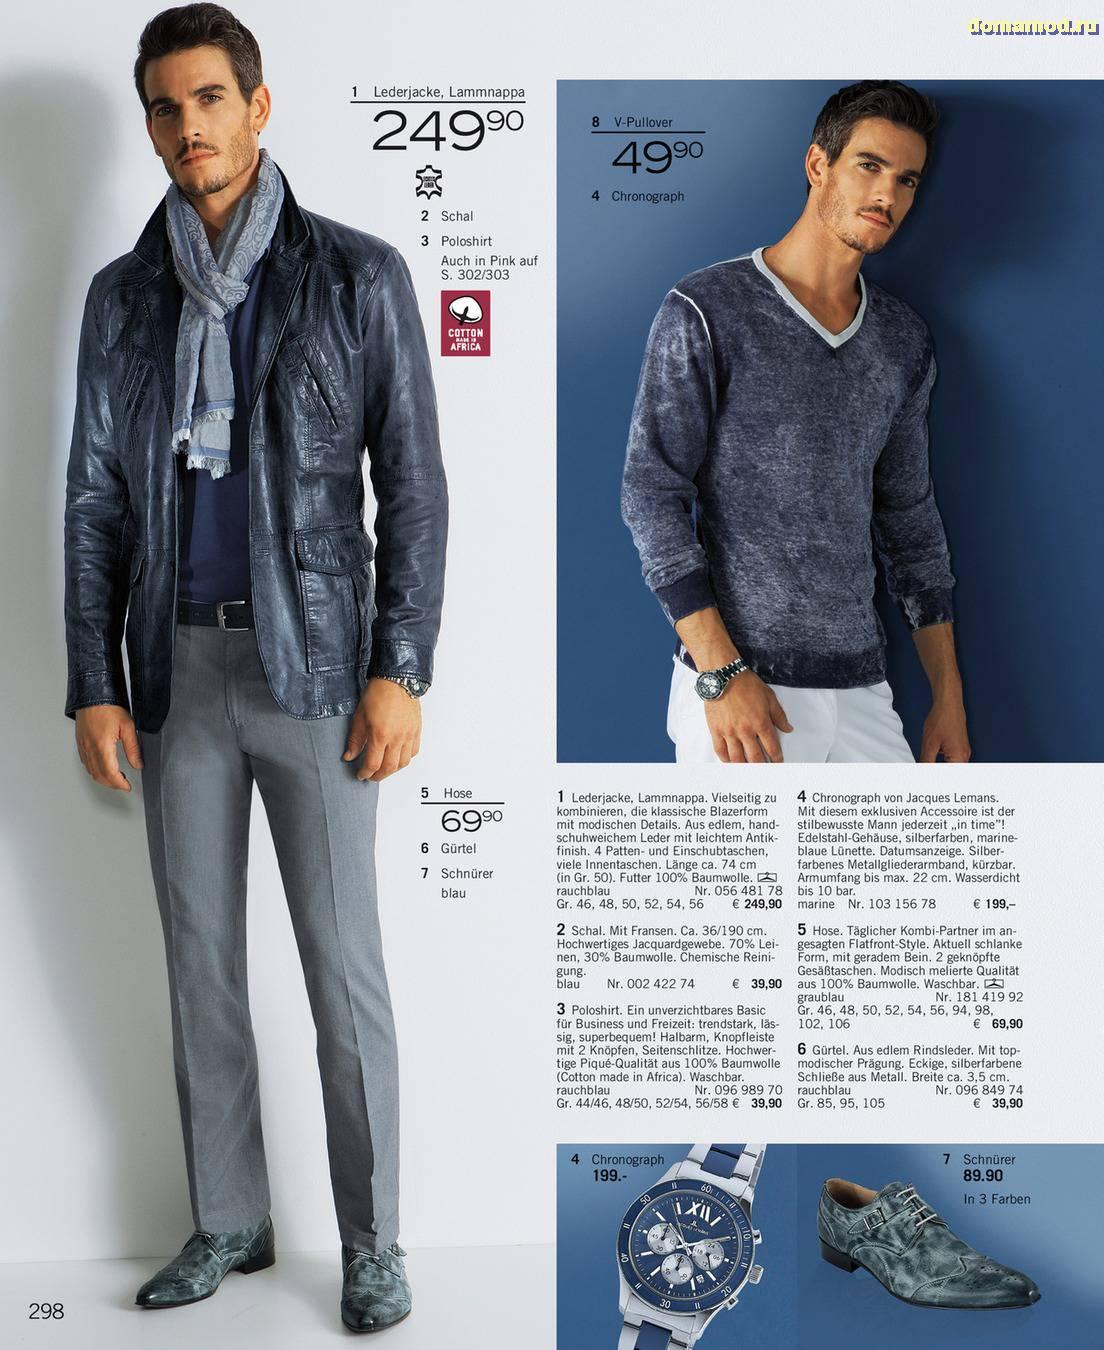 Мода: фото, вопросы и ответы: Мужская одежда 2012 в Дрезне